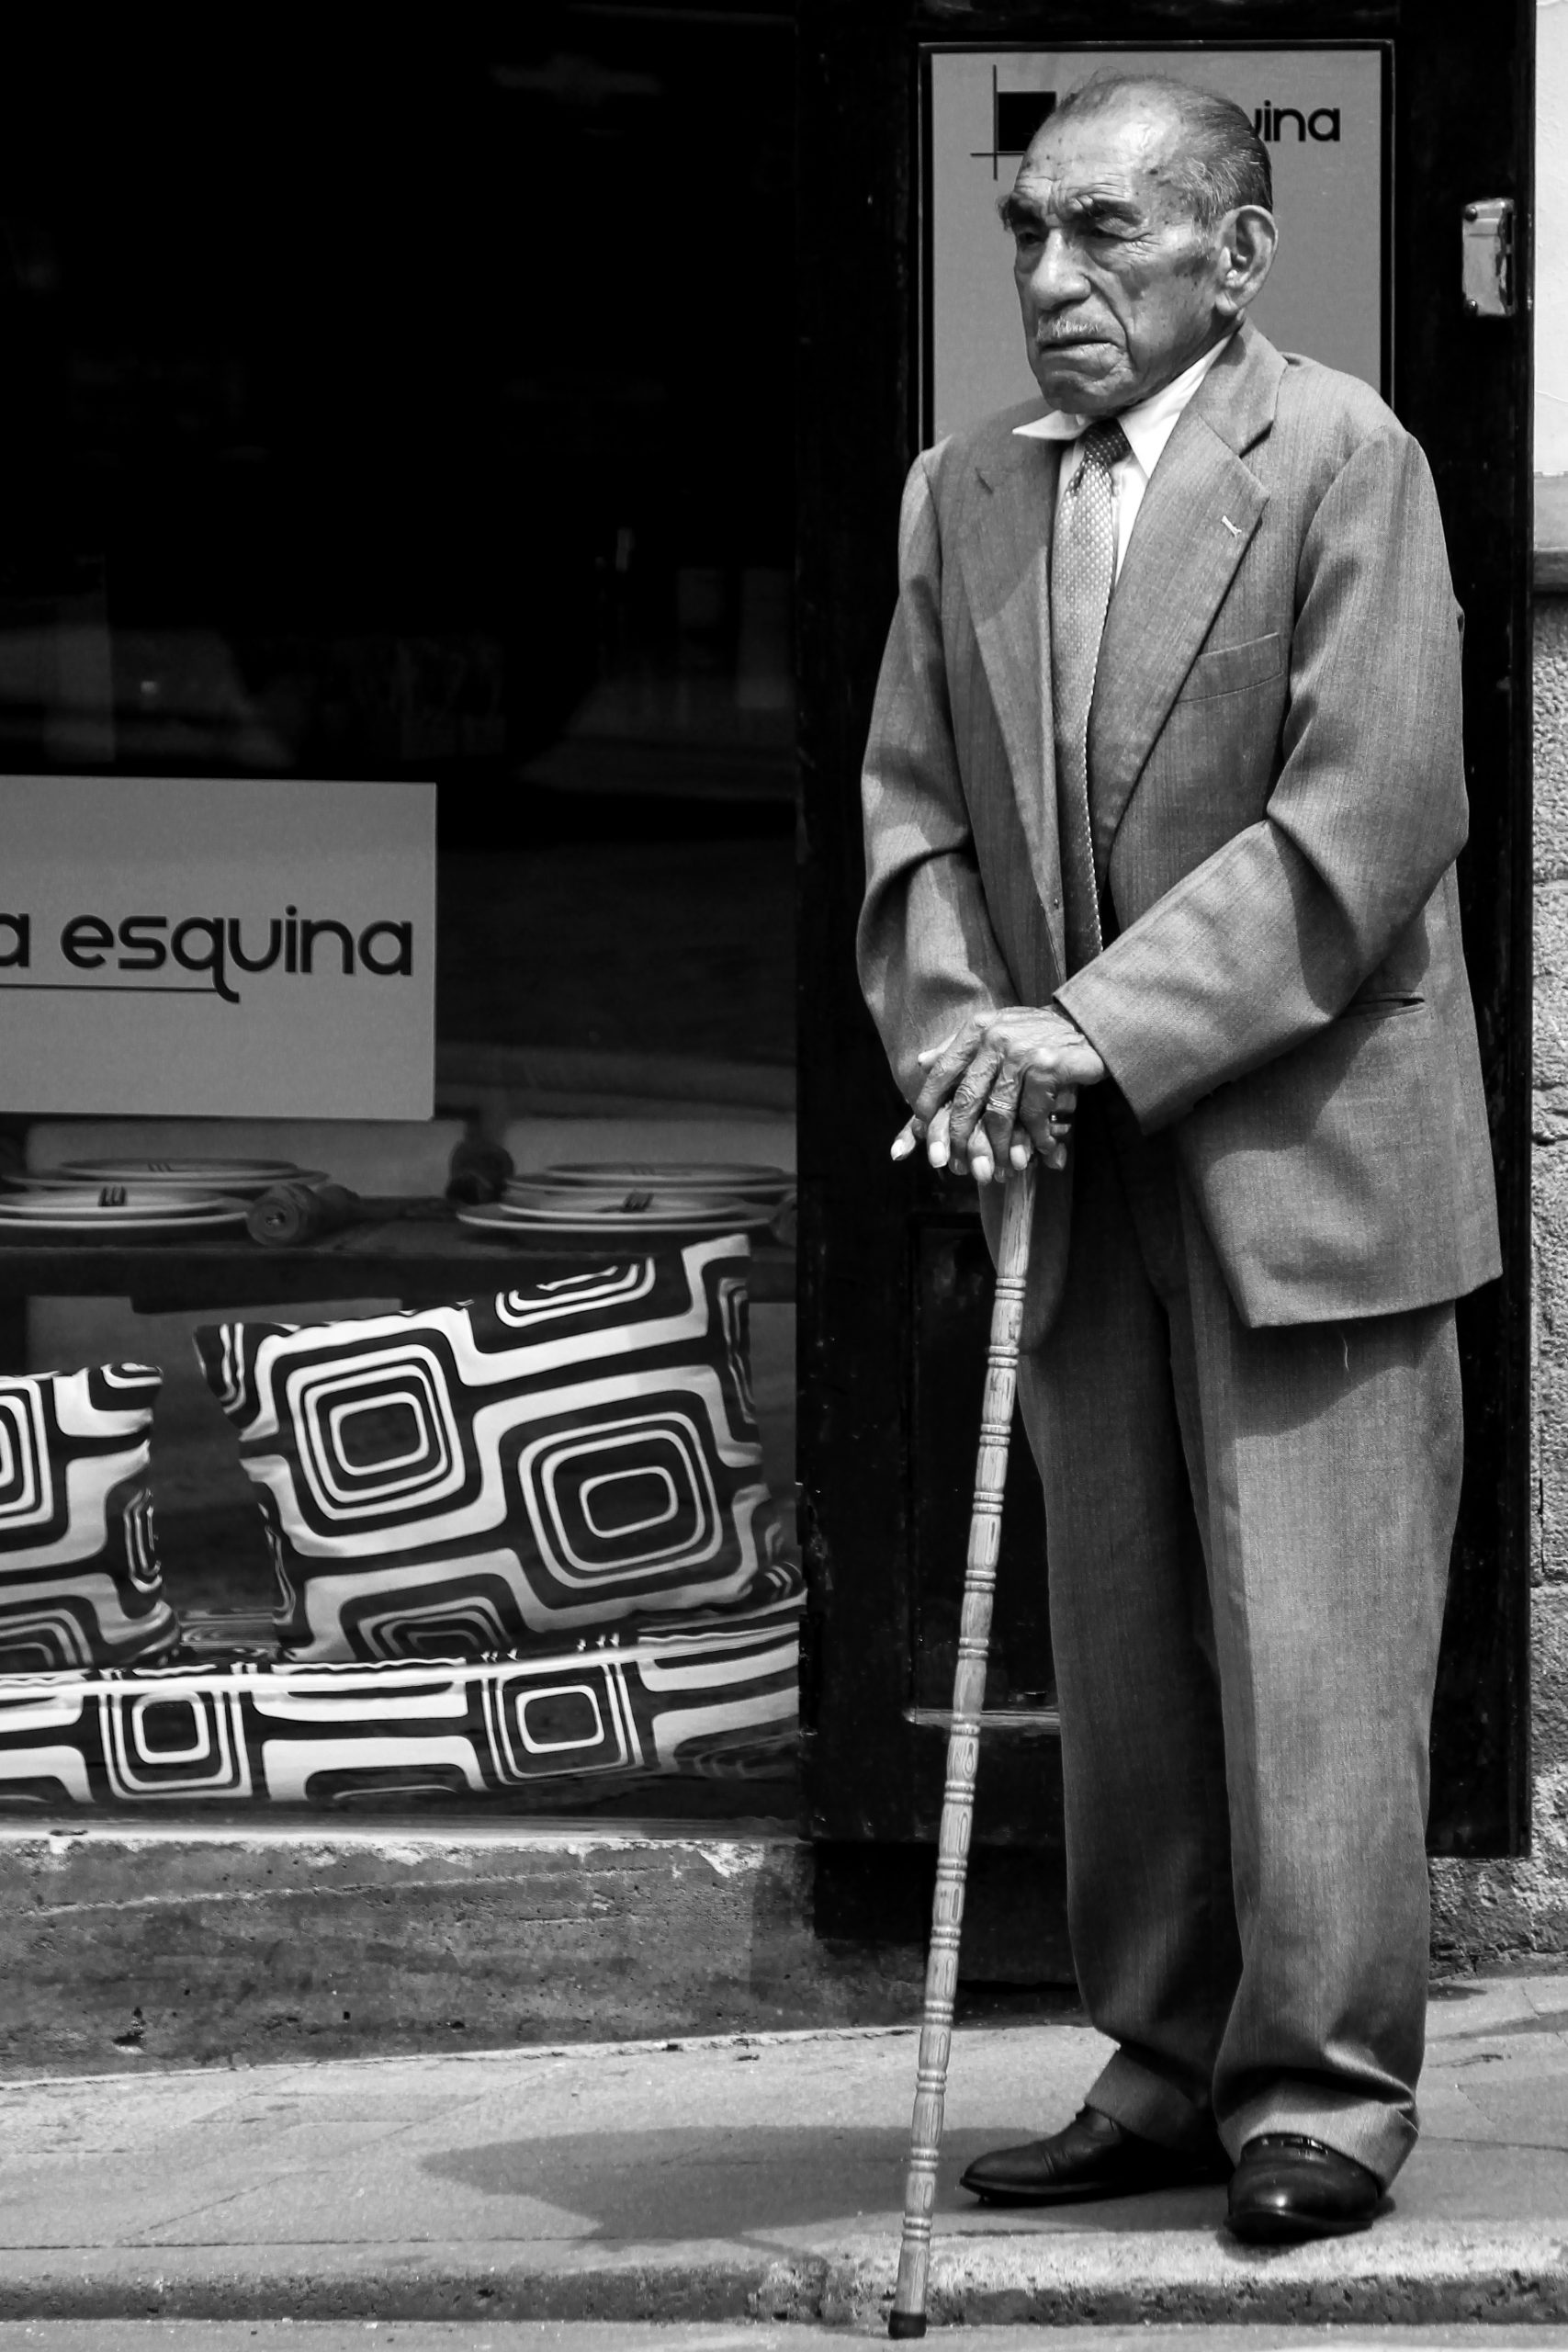 Cuenca, Ecuador, South America